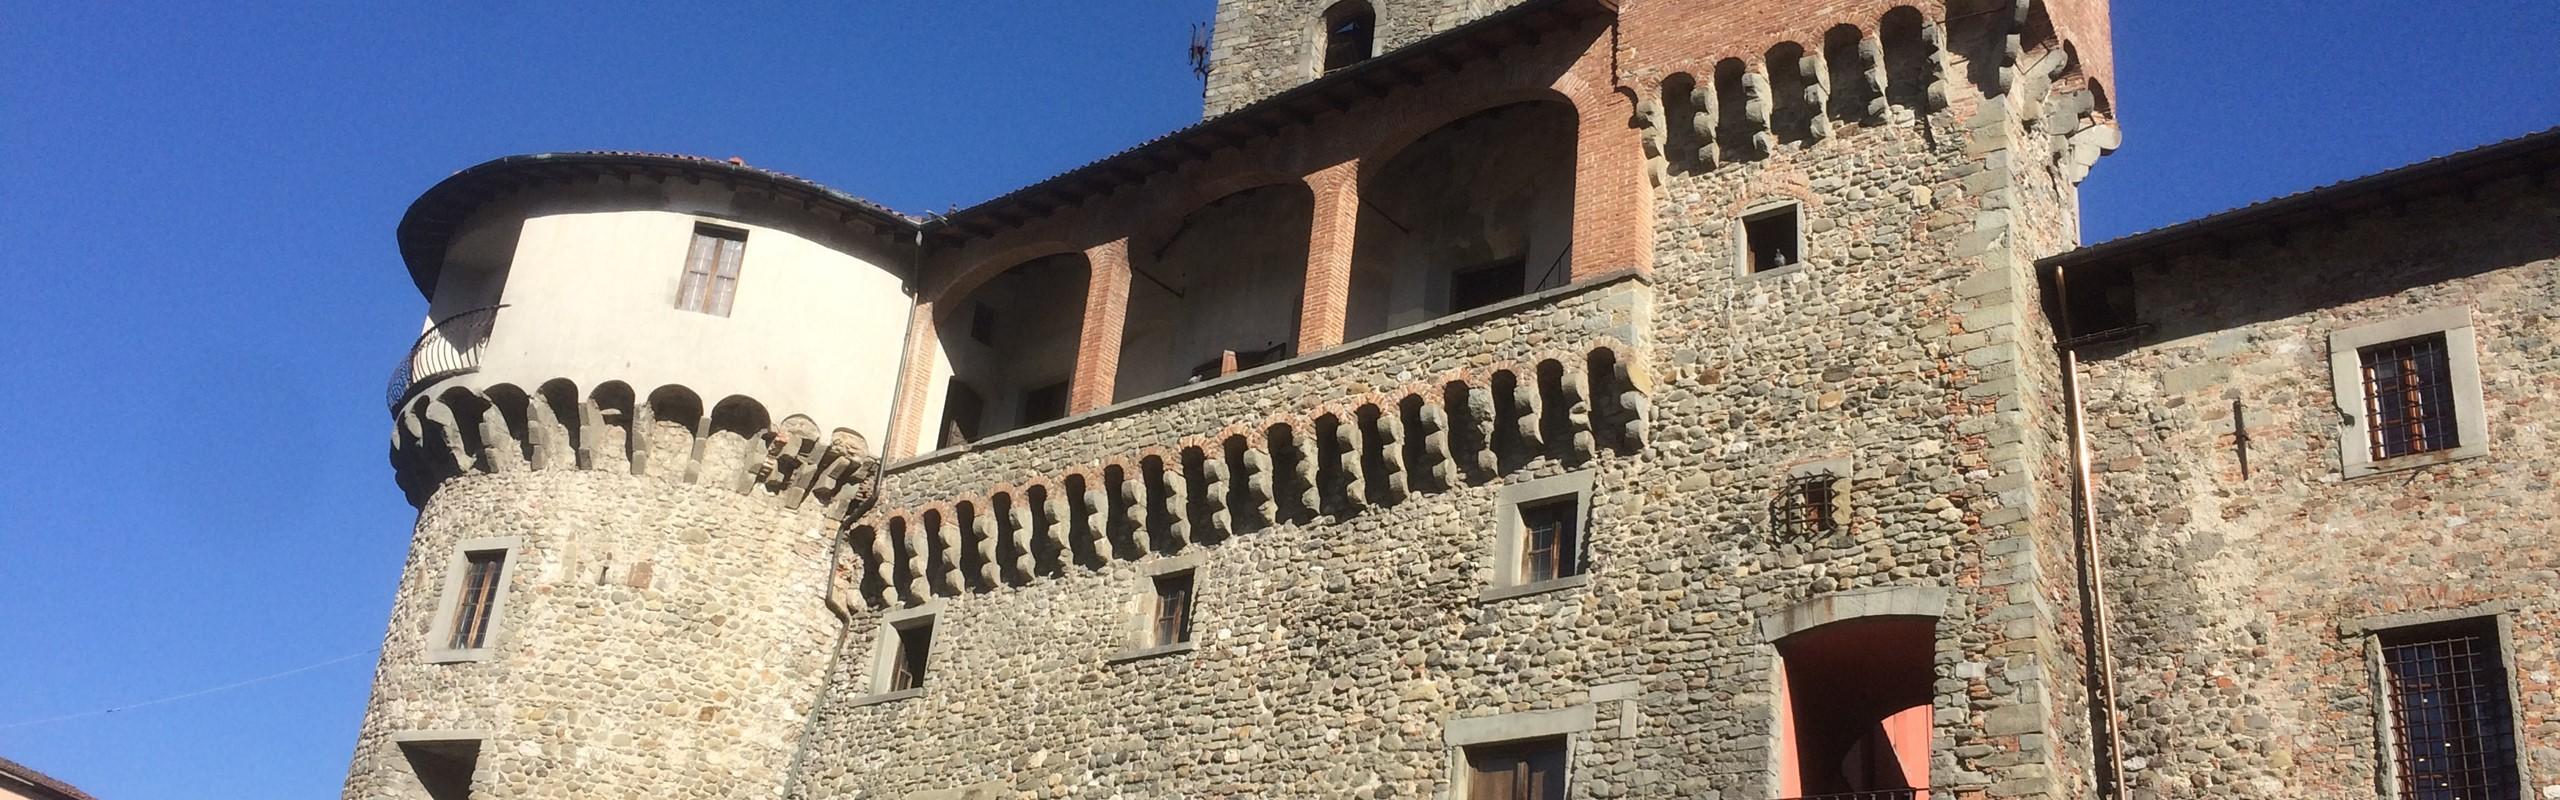 Castelnuovo Rocca